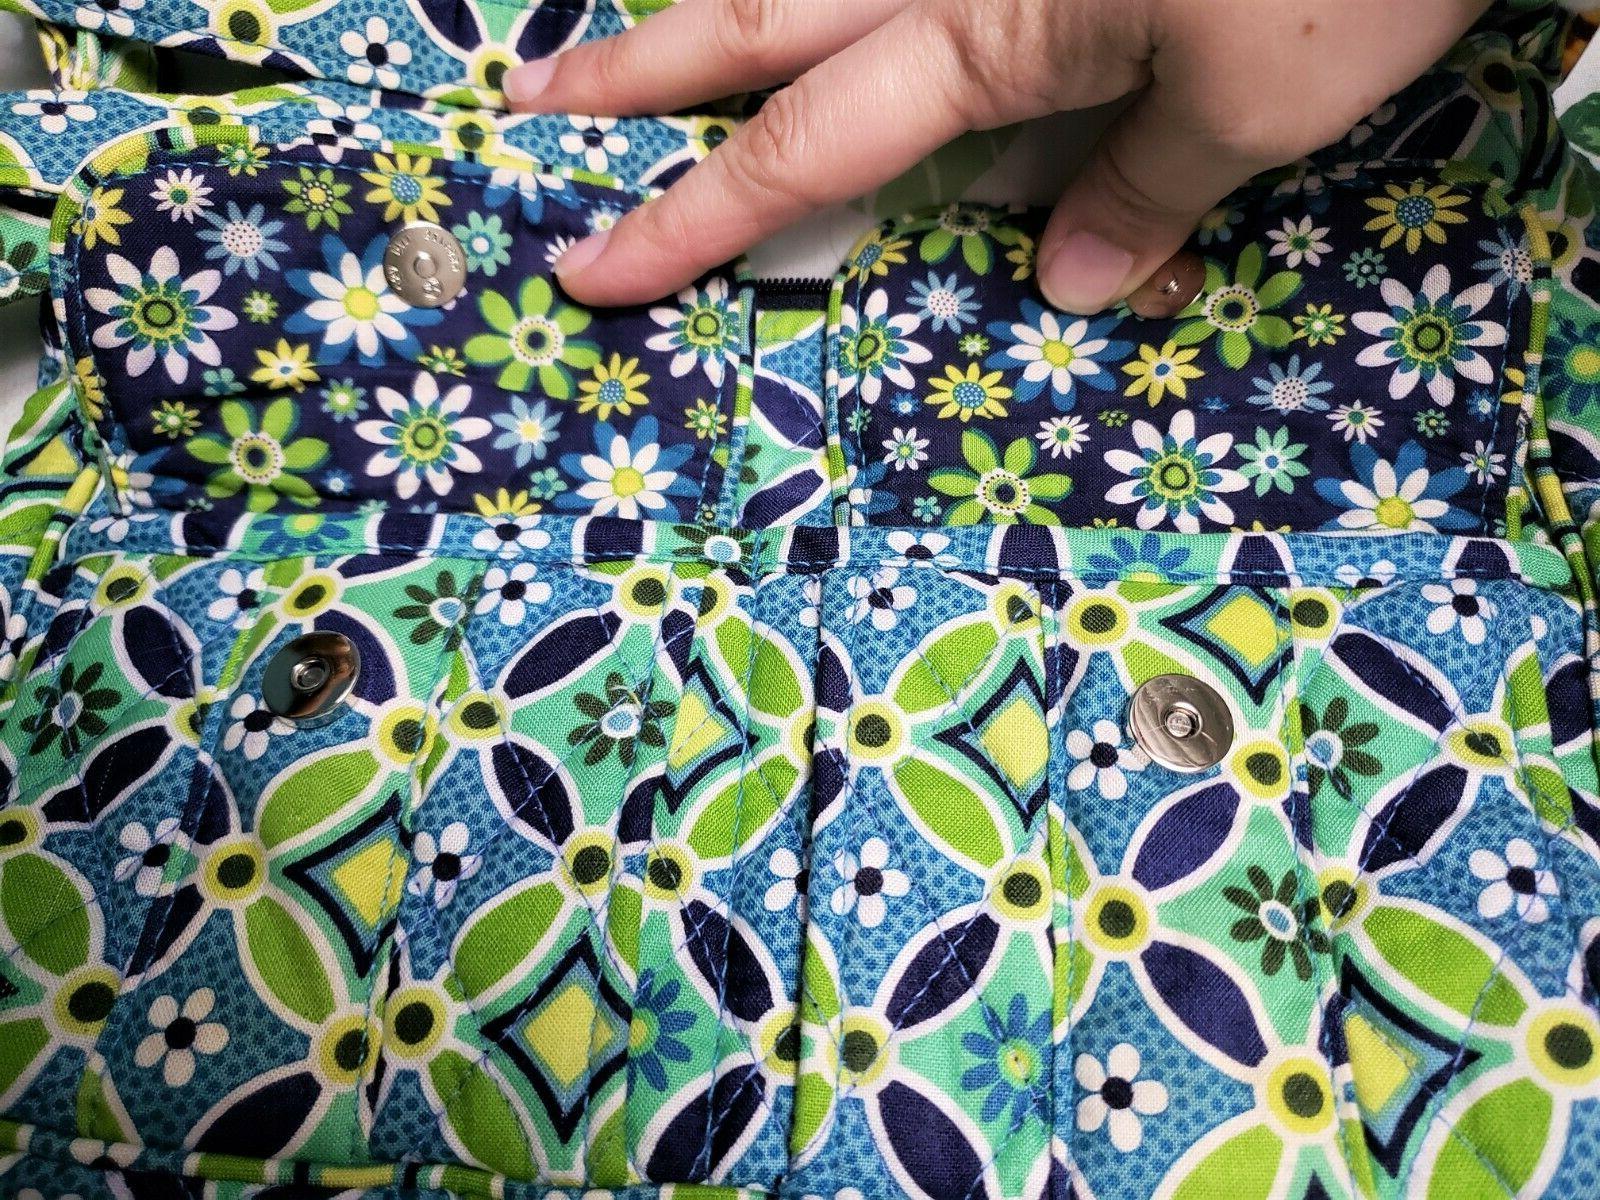 Vera & Green Crossbody Bag and Shoulder bag - New